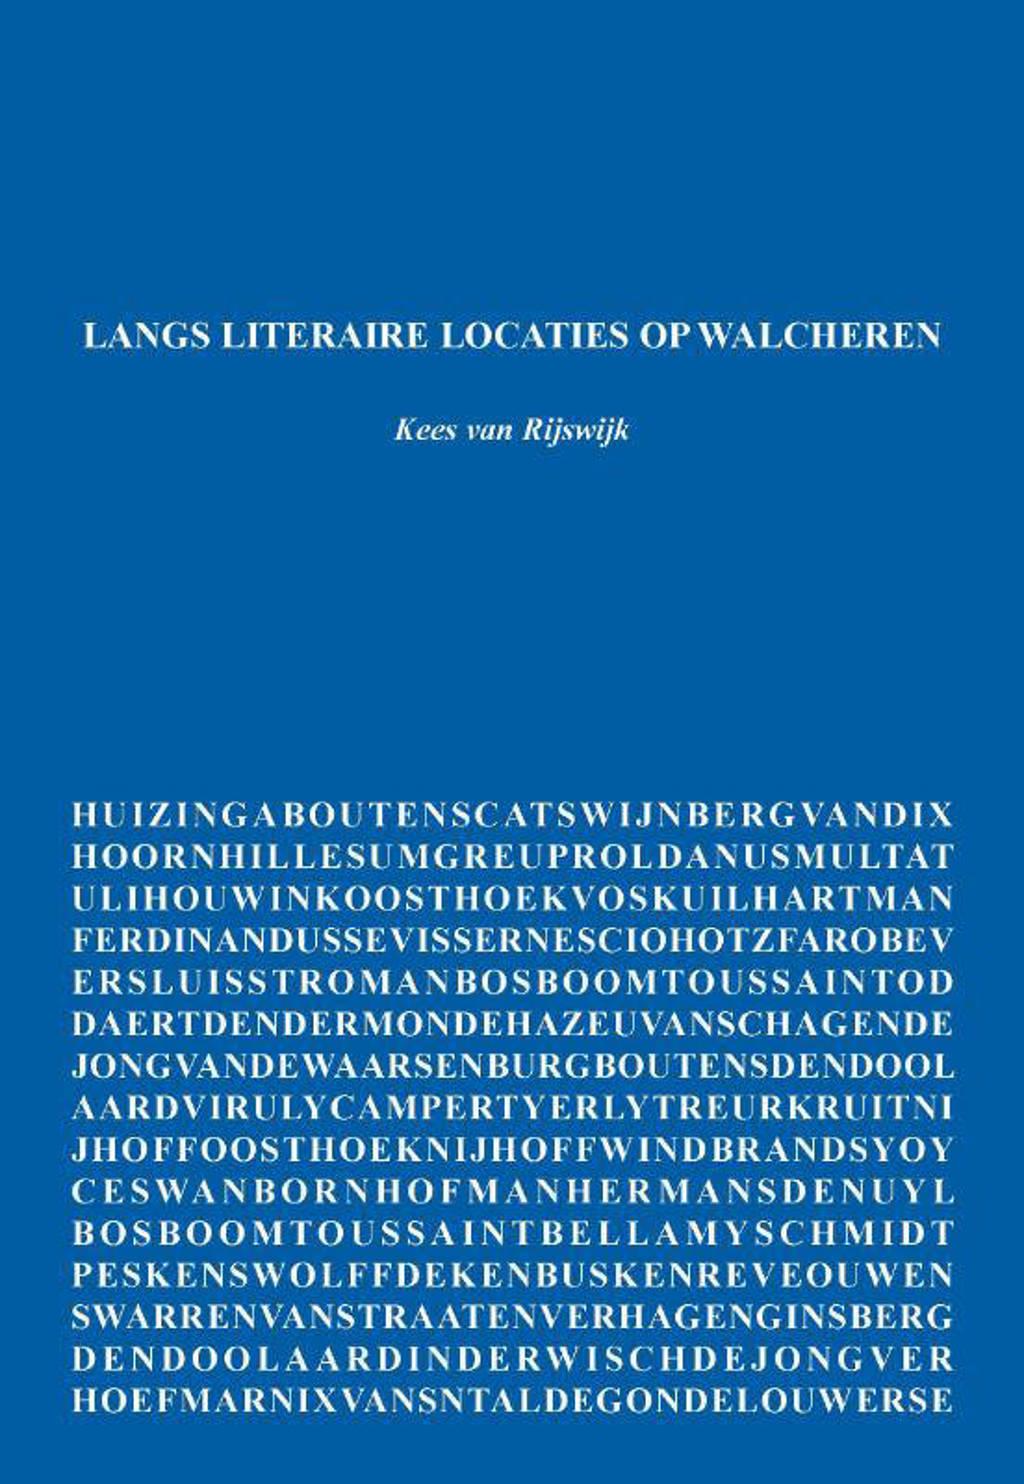 Langs literaire locaties op Walcheren - Kees van Rijswijk